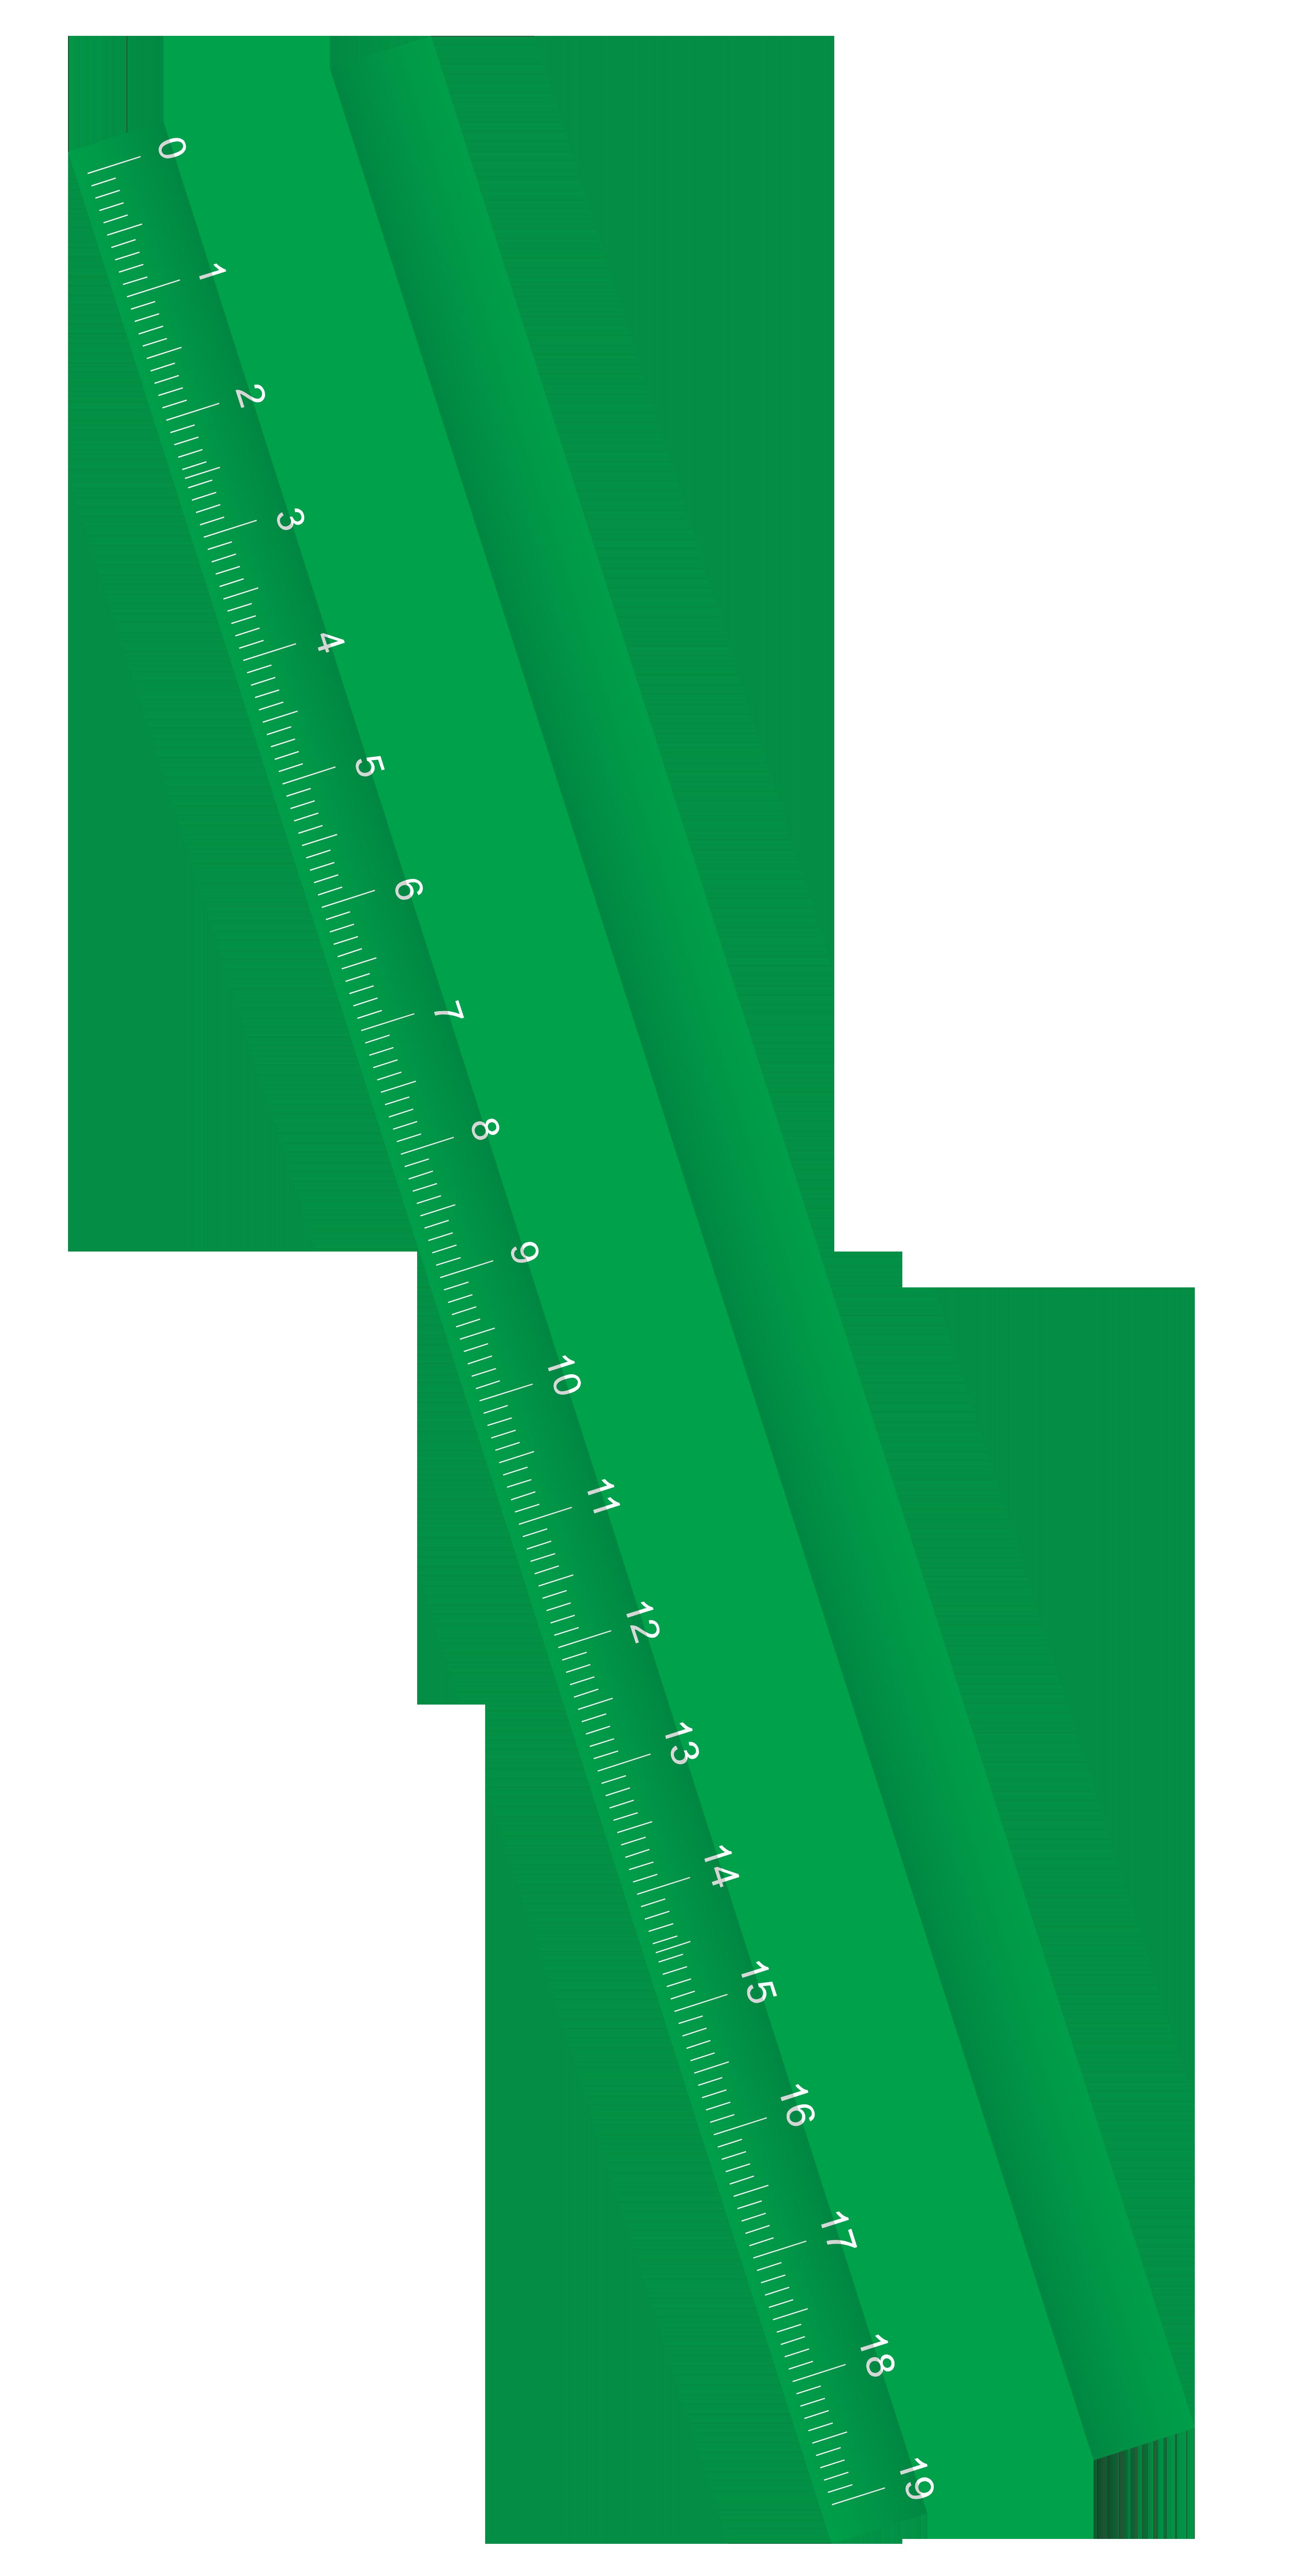 Green Ruler Clipart.